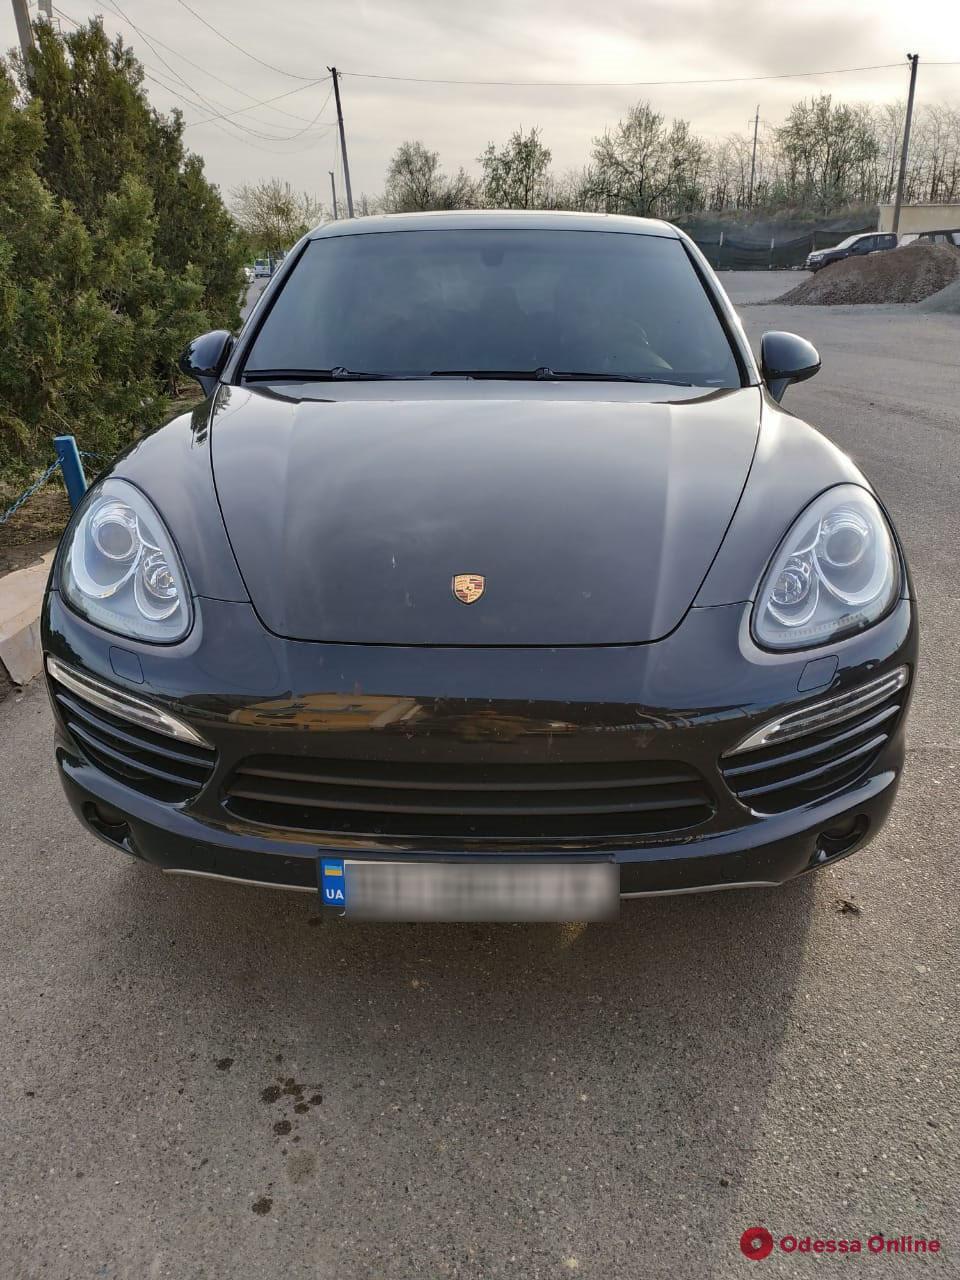 В Одесской области водитель  Porsche пытался перевезти через границу патроны